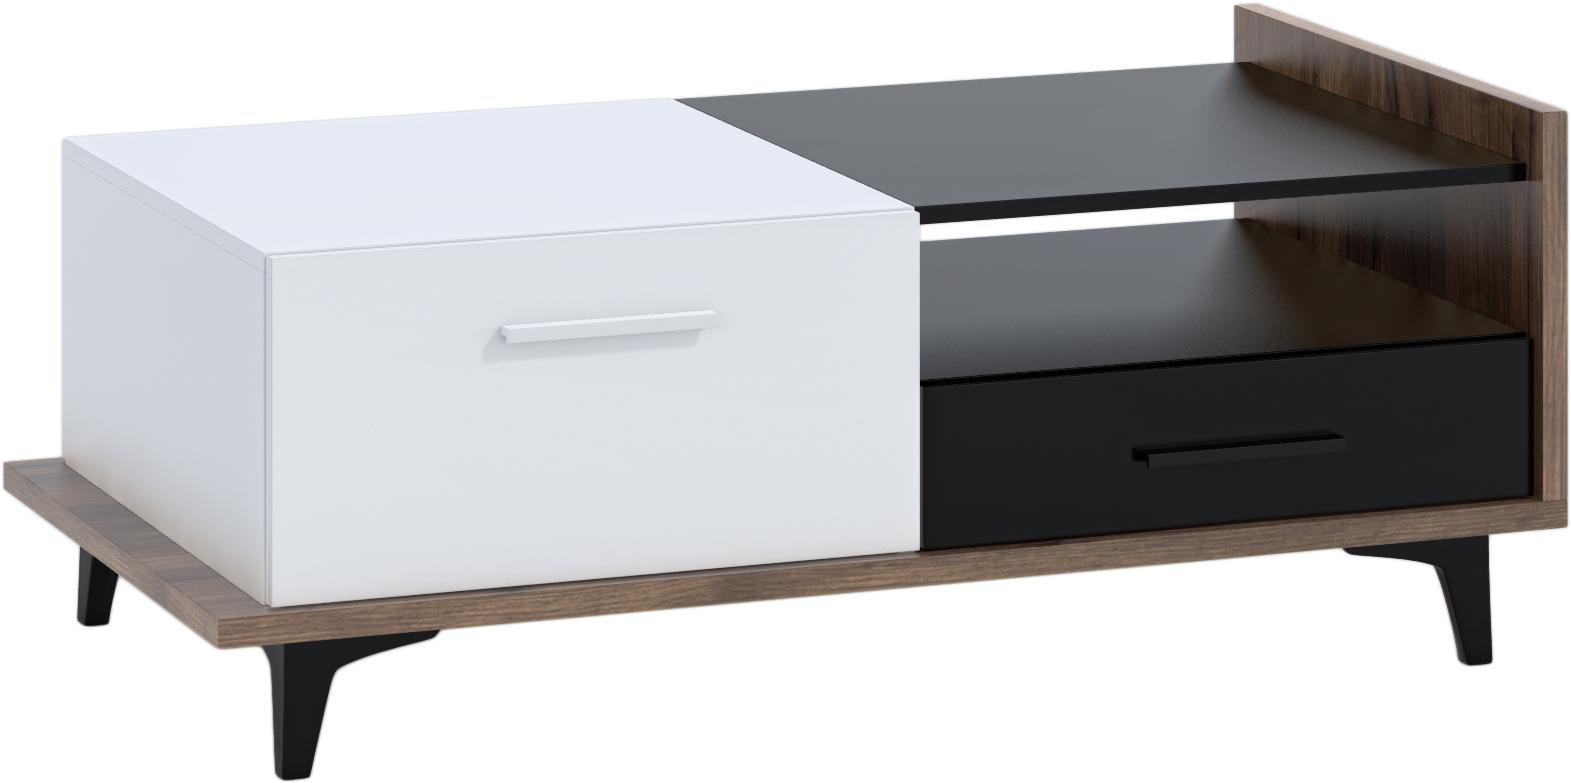 WIP Konferenčný stolík 2D2S BOX-03 Farba: craft tobaco / biela / čierna